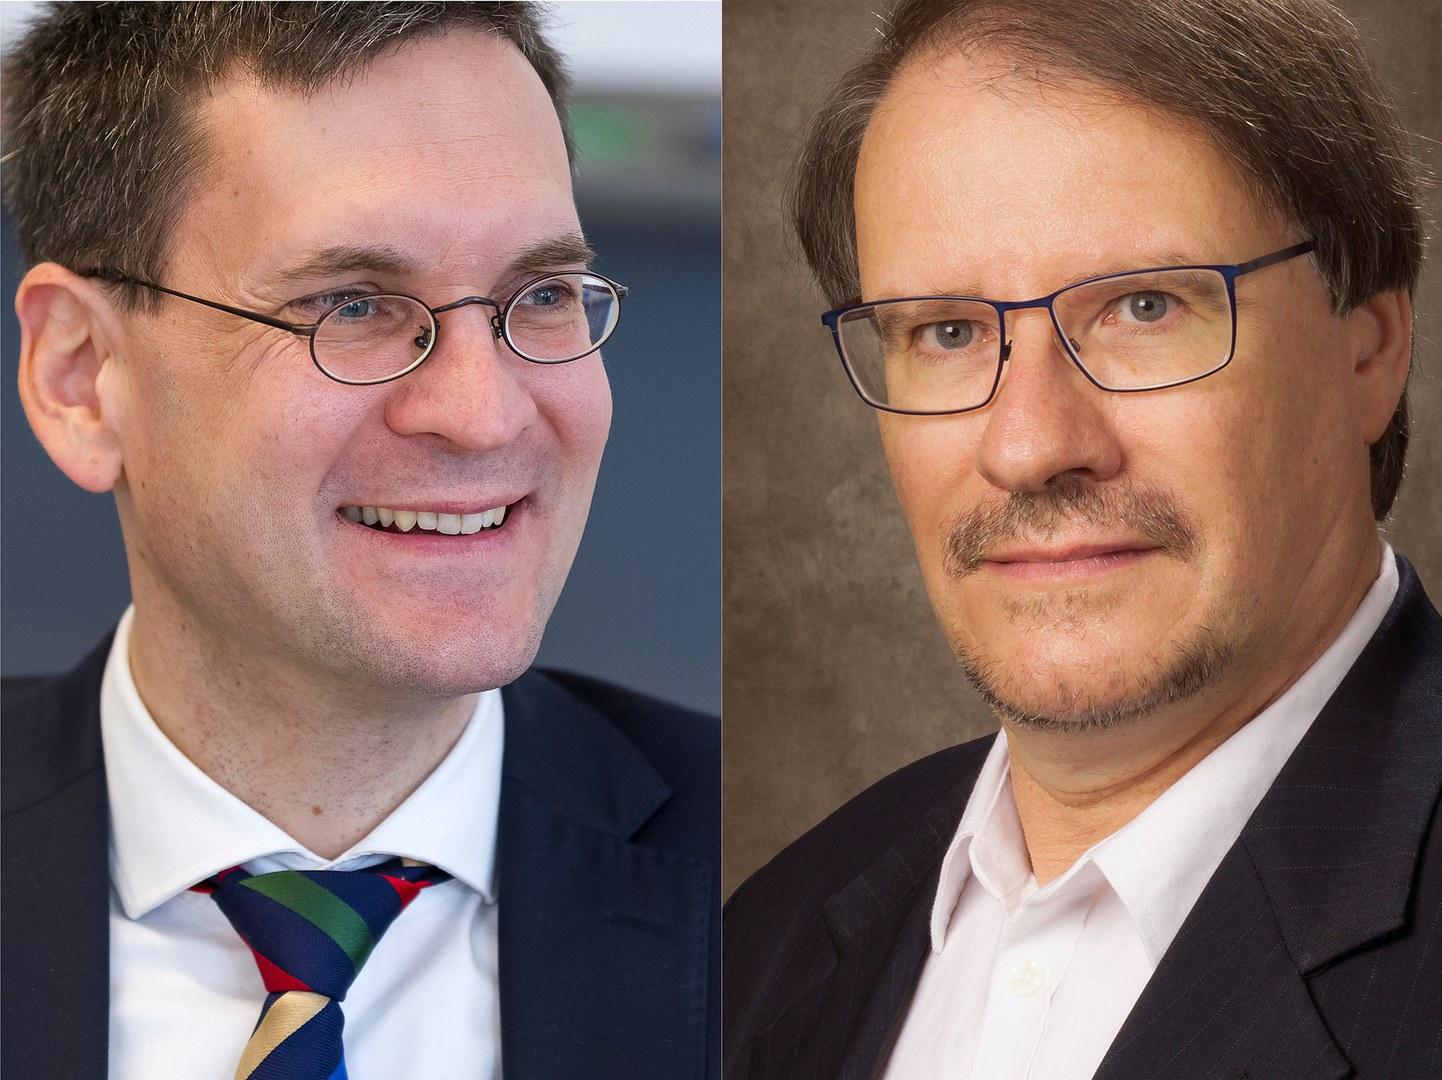 Neumitglieder in der Nordrhein-Westfälischen Akademie der Wissenschaften und Künste: